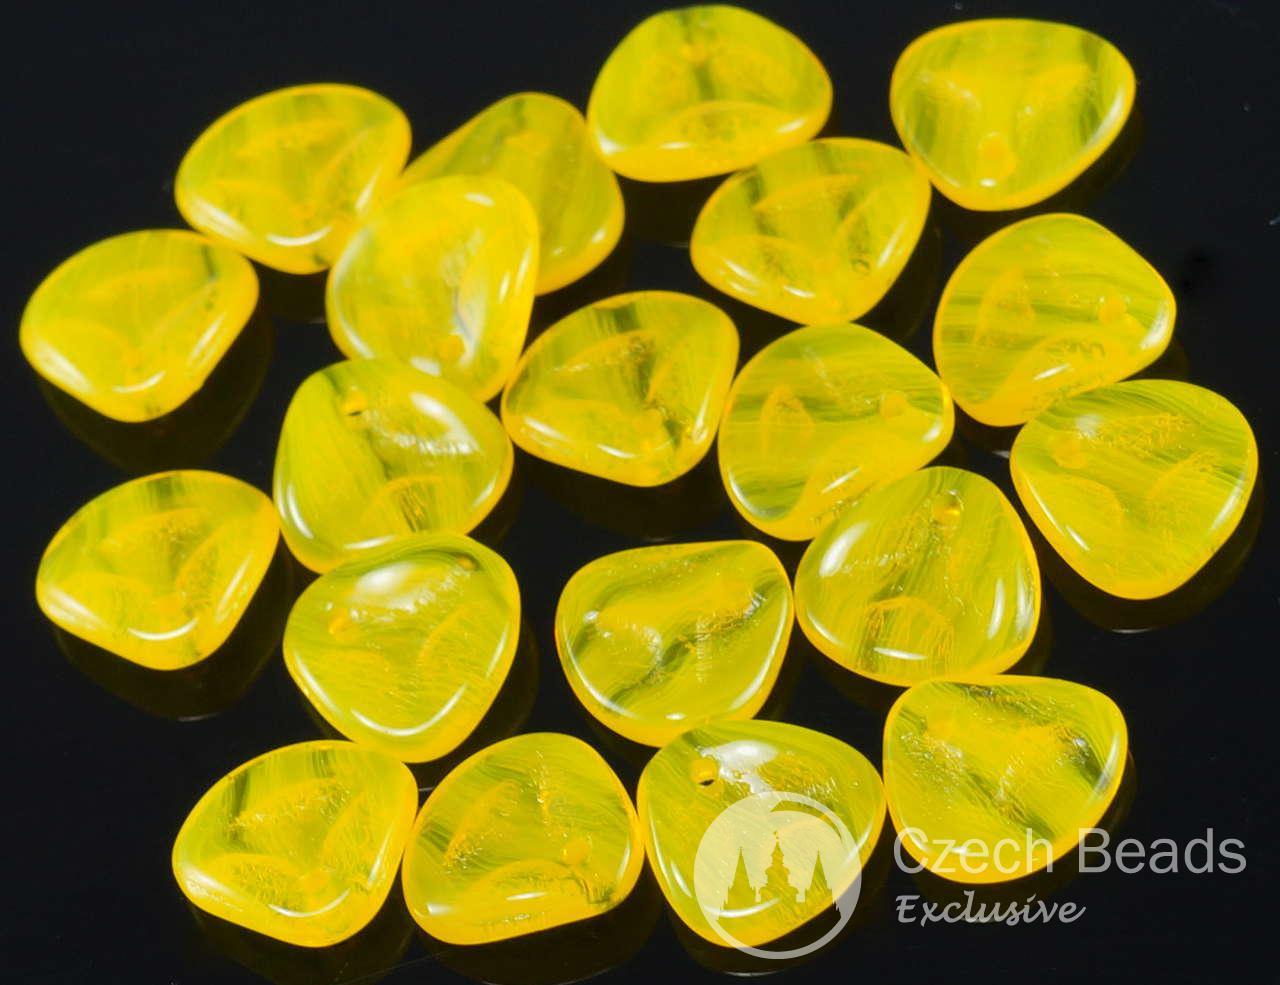 50шт желтый чешское стекло розового лепестка бисер прижимают плоский цветок 7мм x 8 мм для $ 2.81 из Czech Beads Exclusive